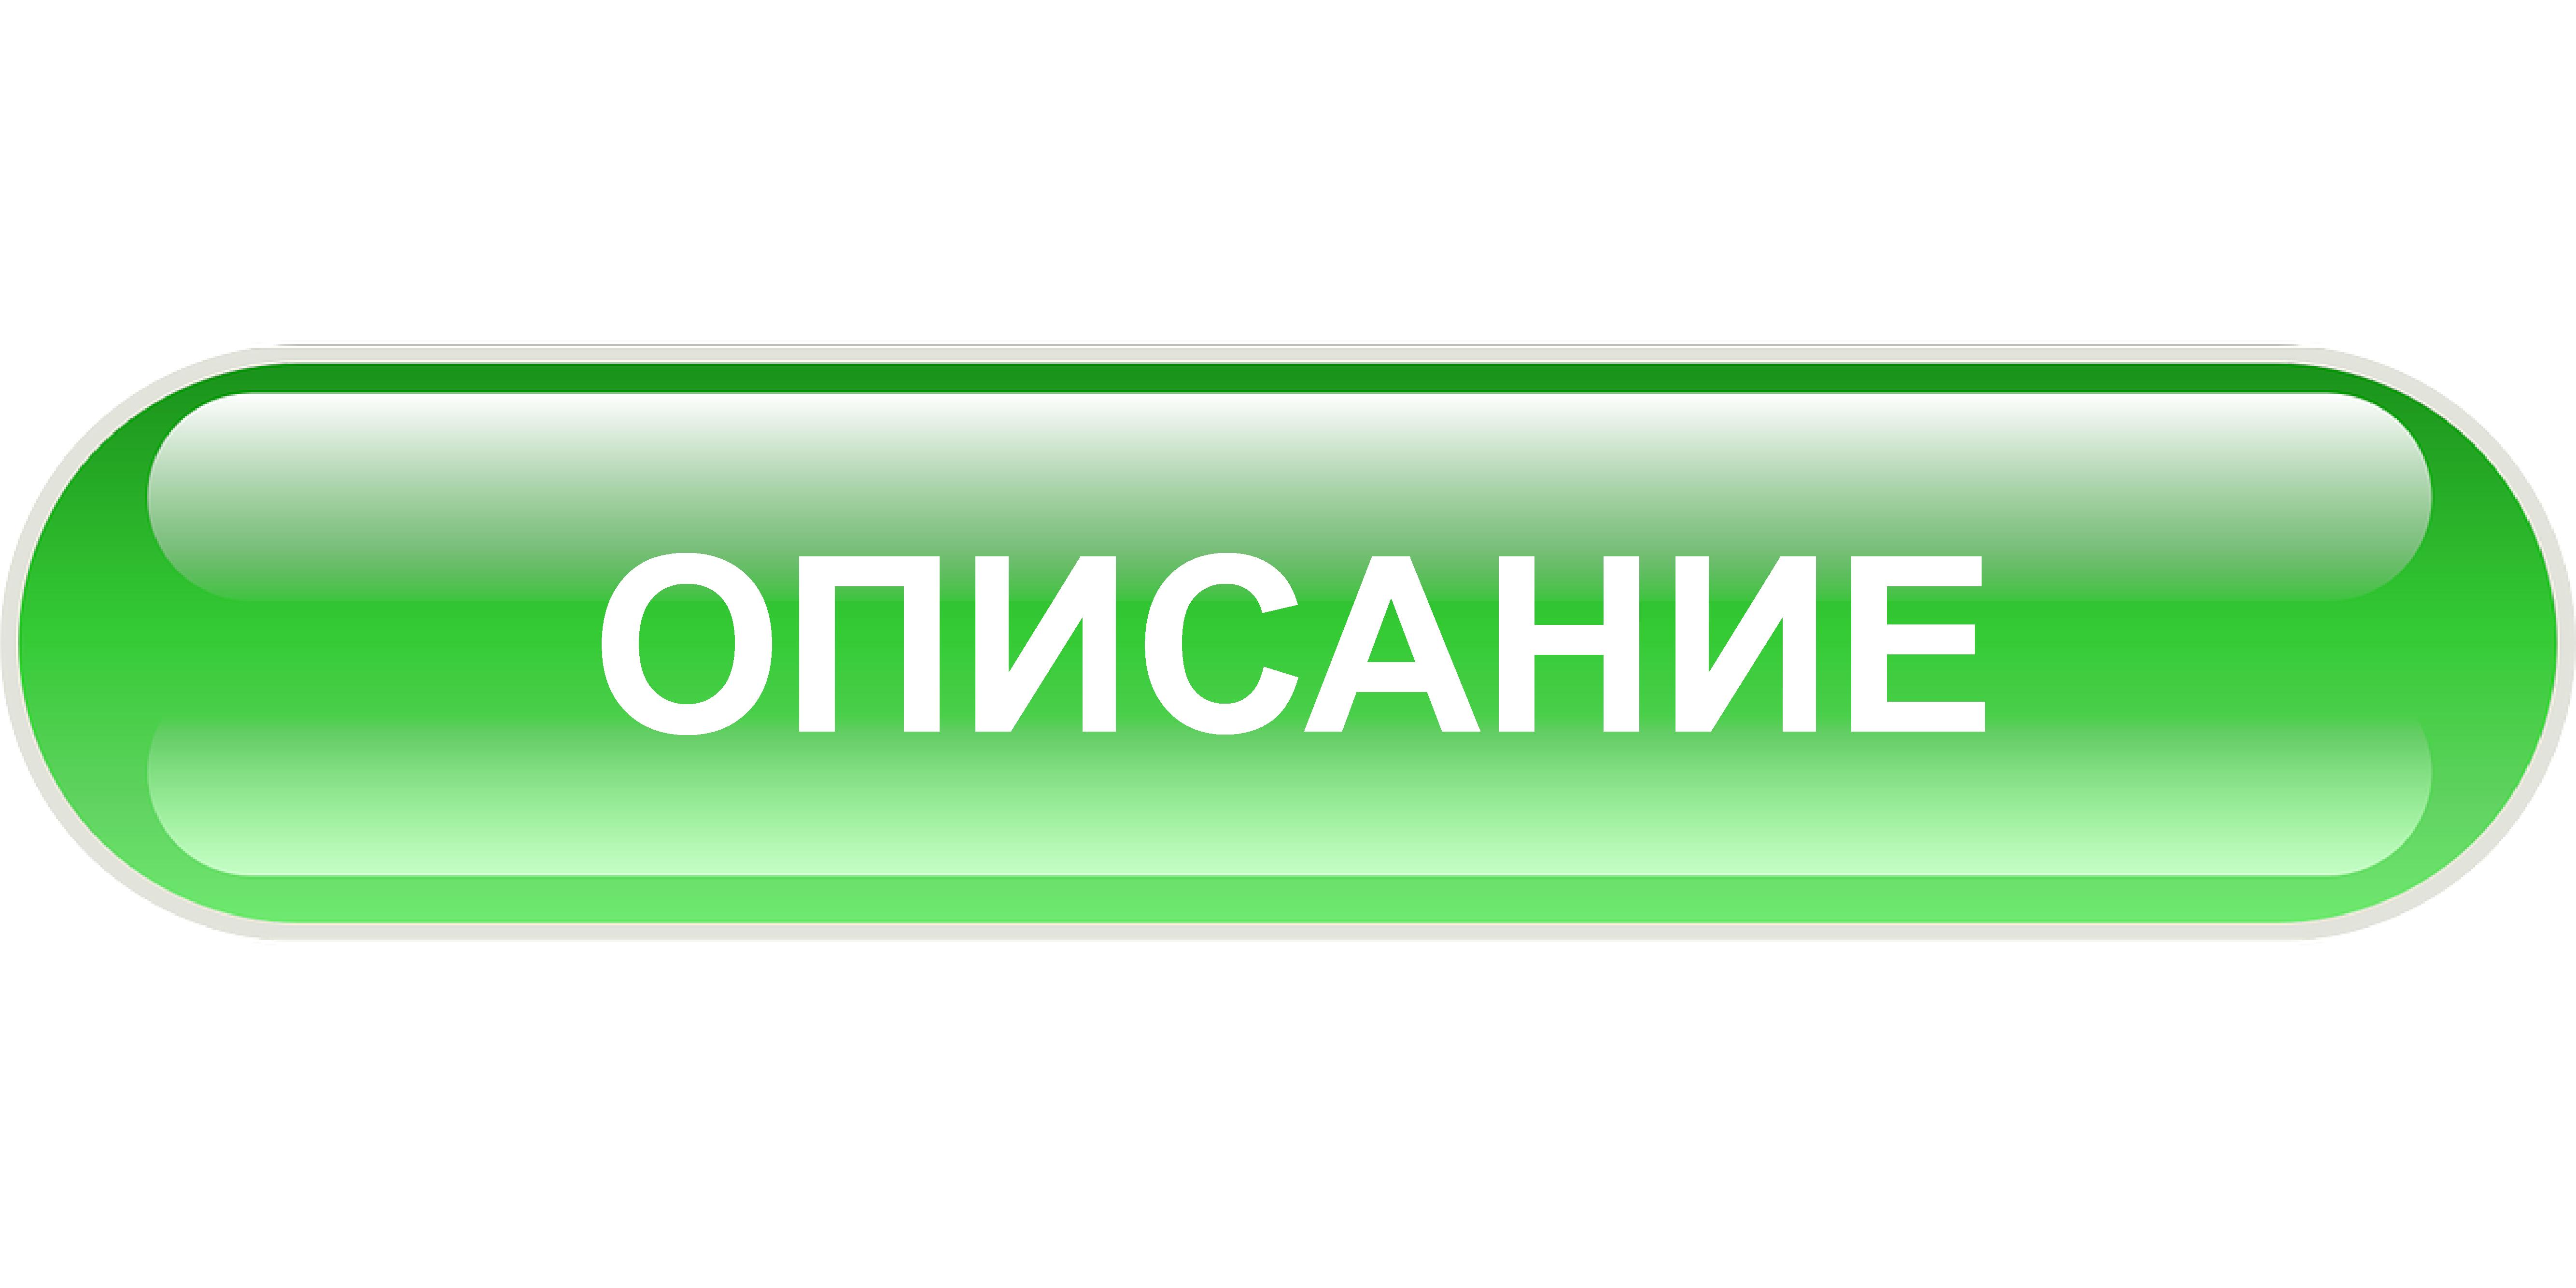 knopka-zelenaya-opisanie